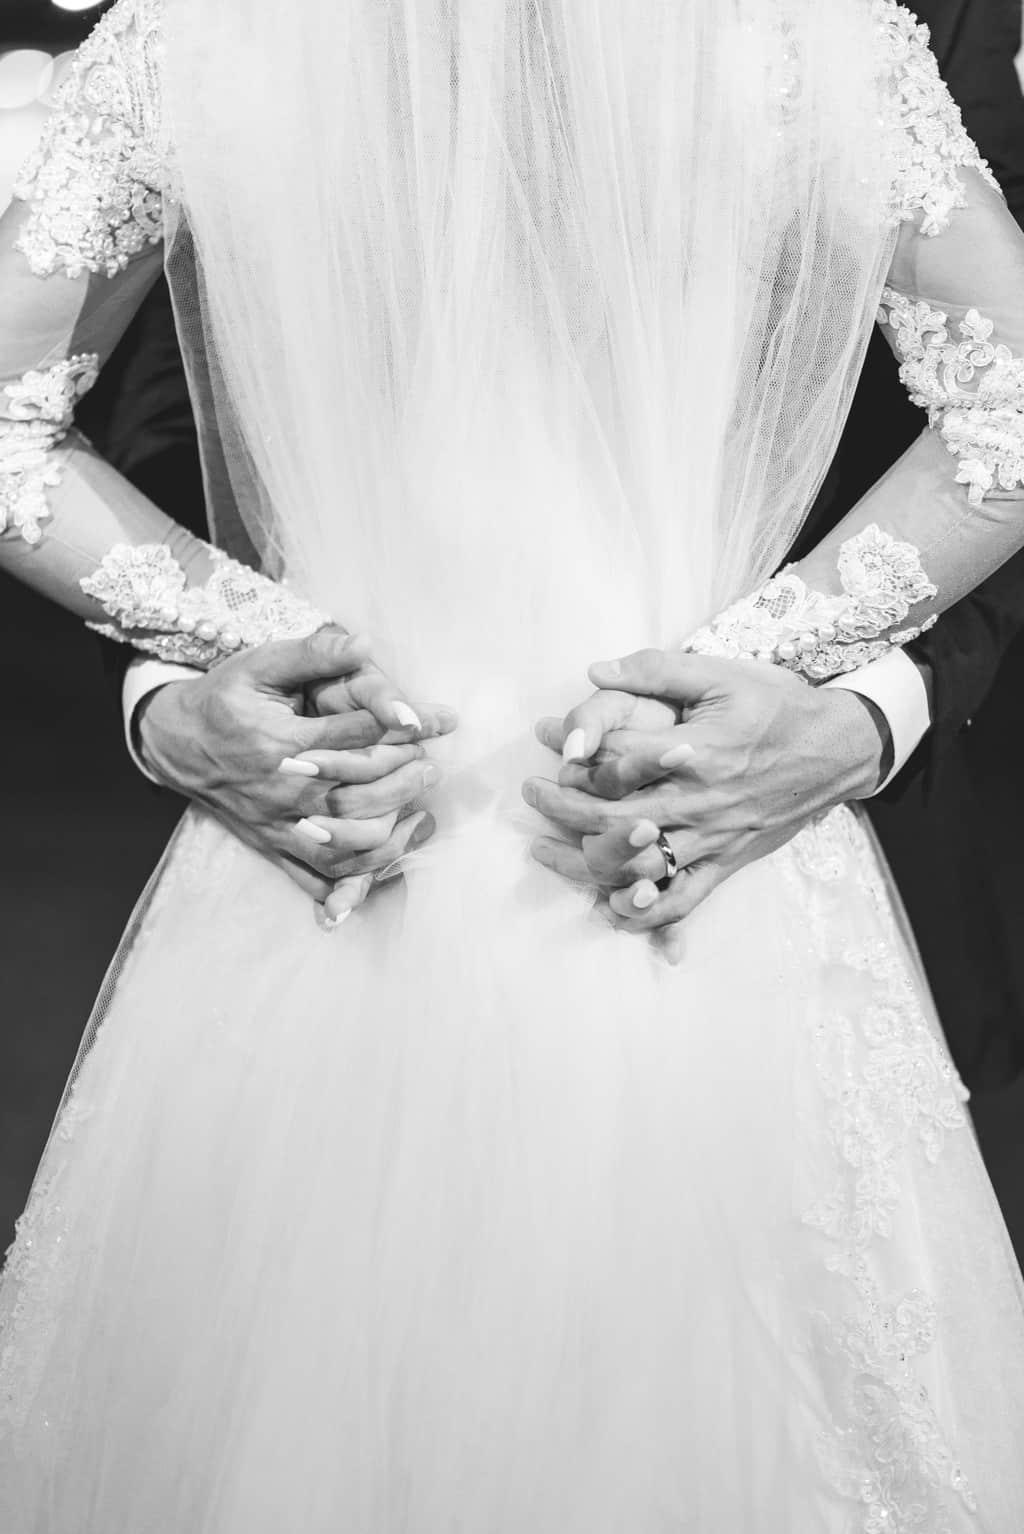 casamento-clássicocasamento-tradicional-casamento-stephanie-e-daniel-Fotografia-V-Rebel-86